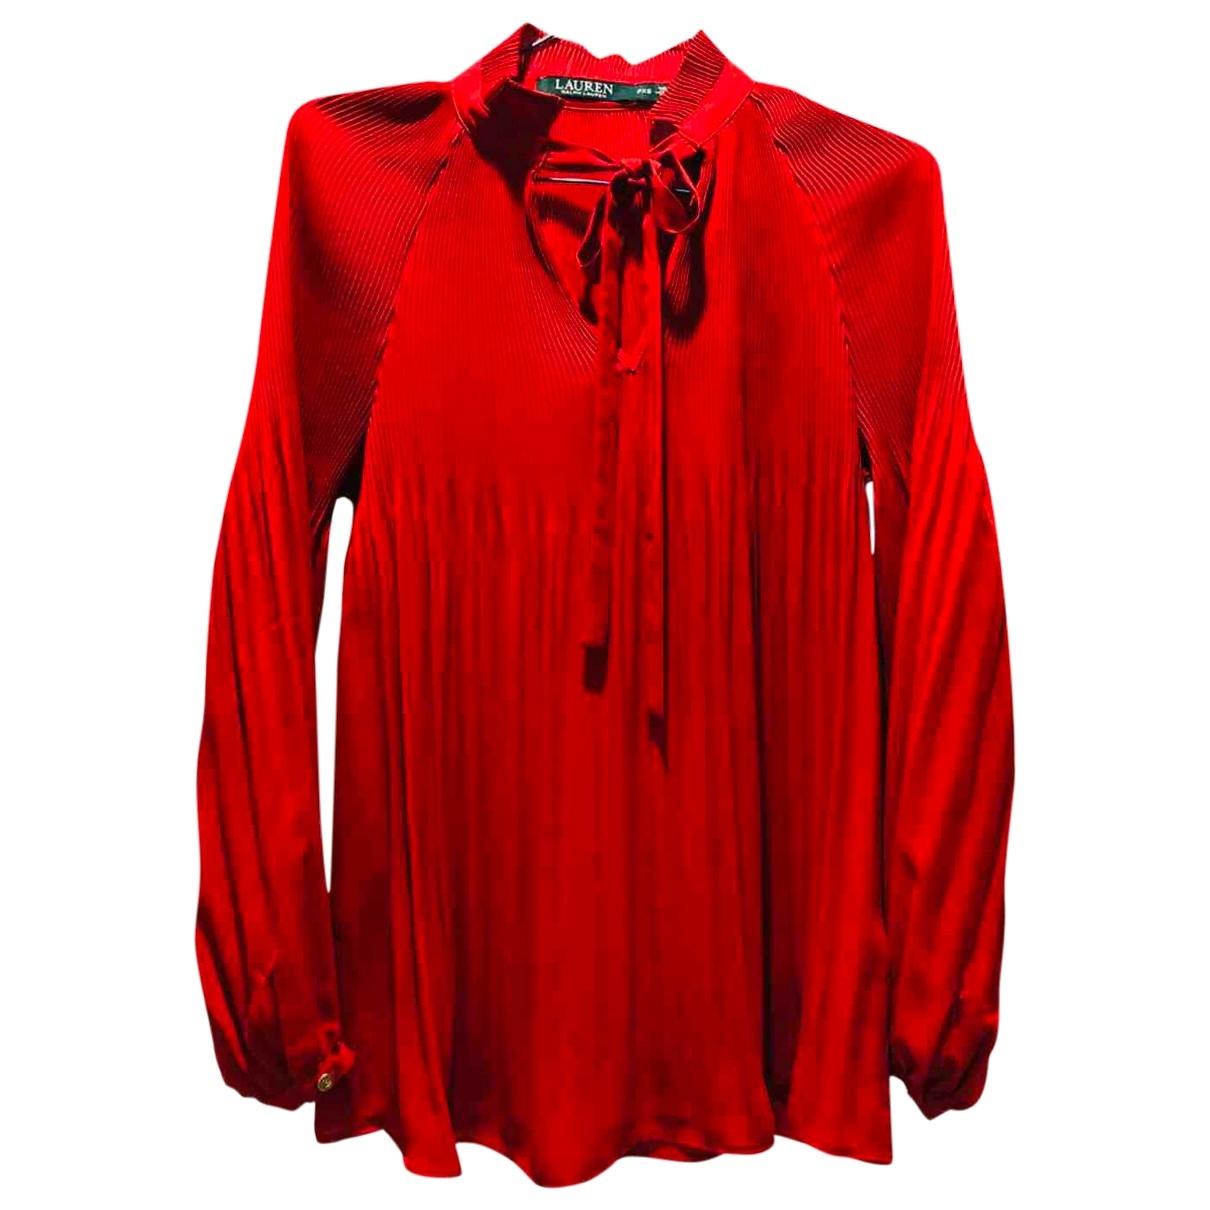 Lauren Ralph Lauren \N Red  top for Women XS International